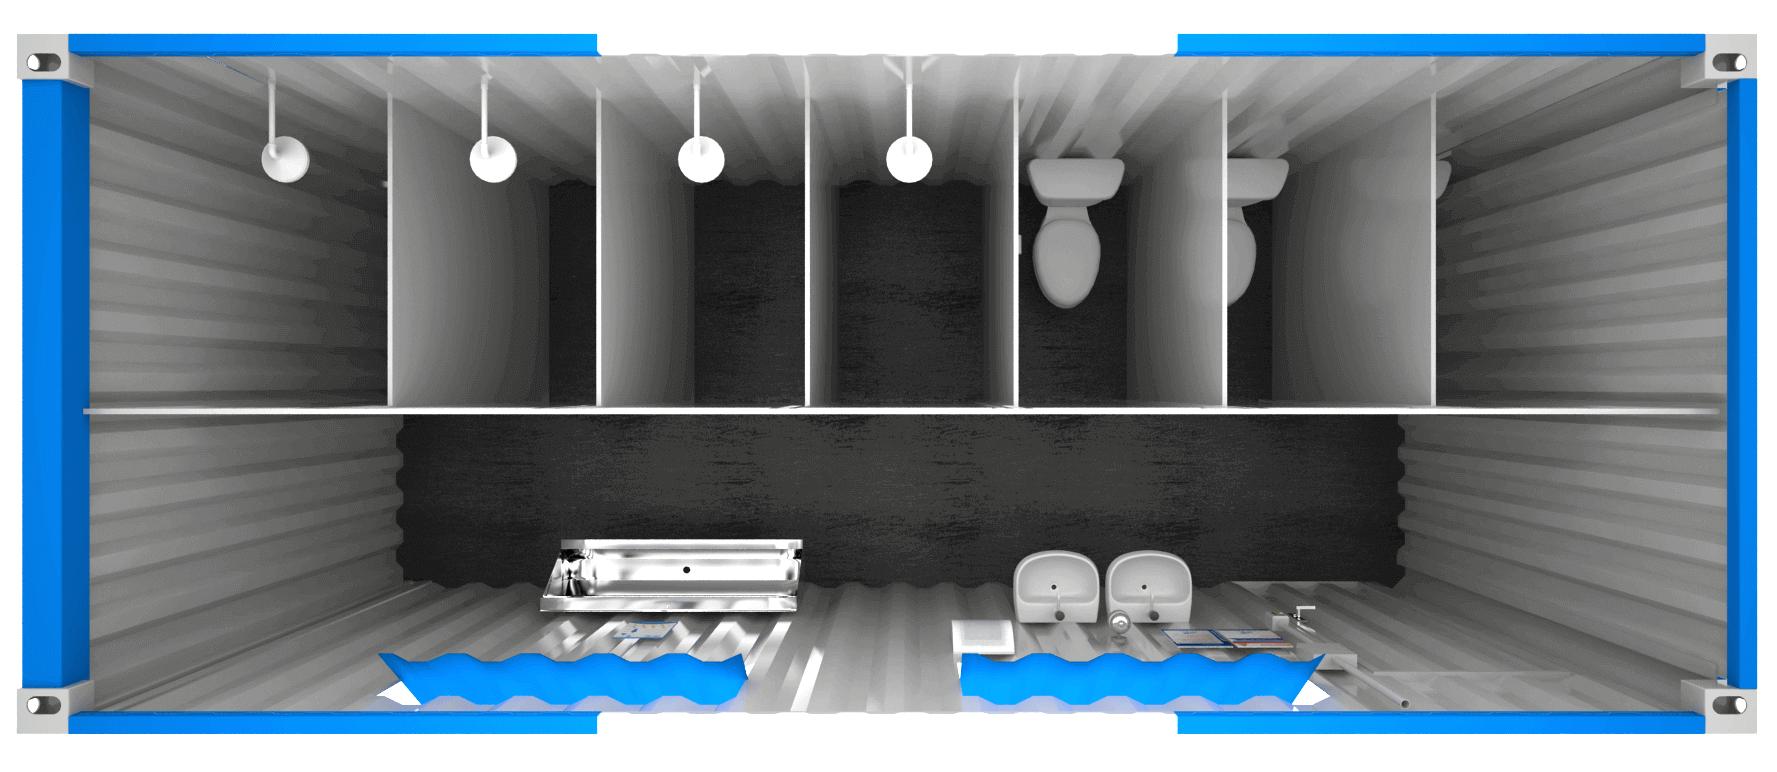 Venda de Container Banheiro Coletivo